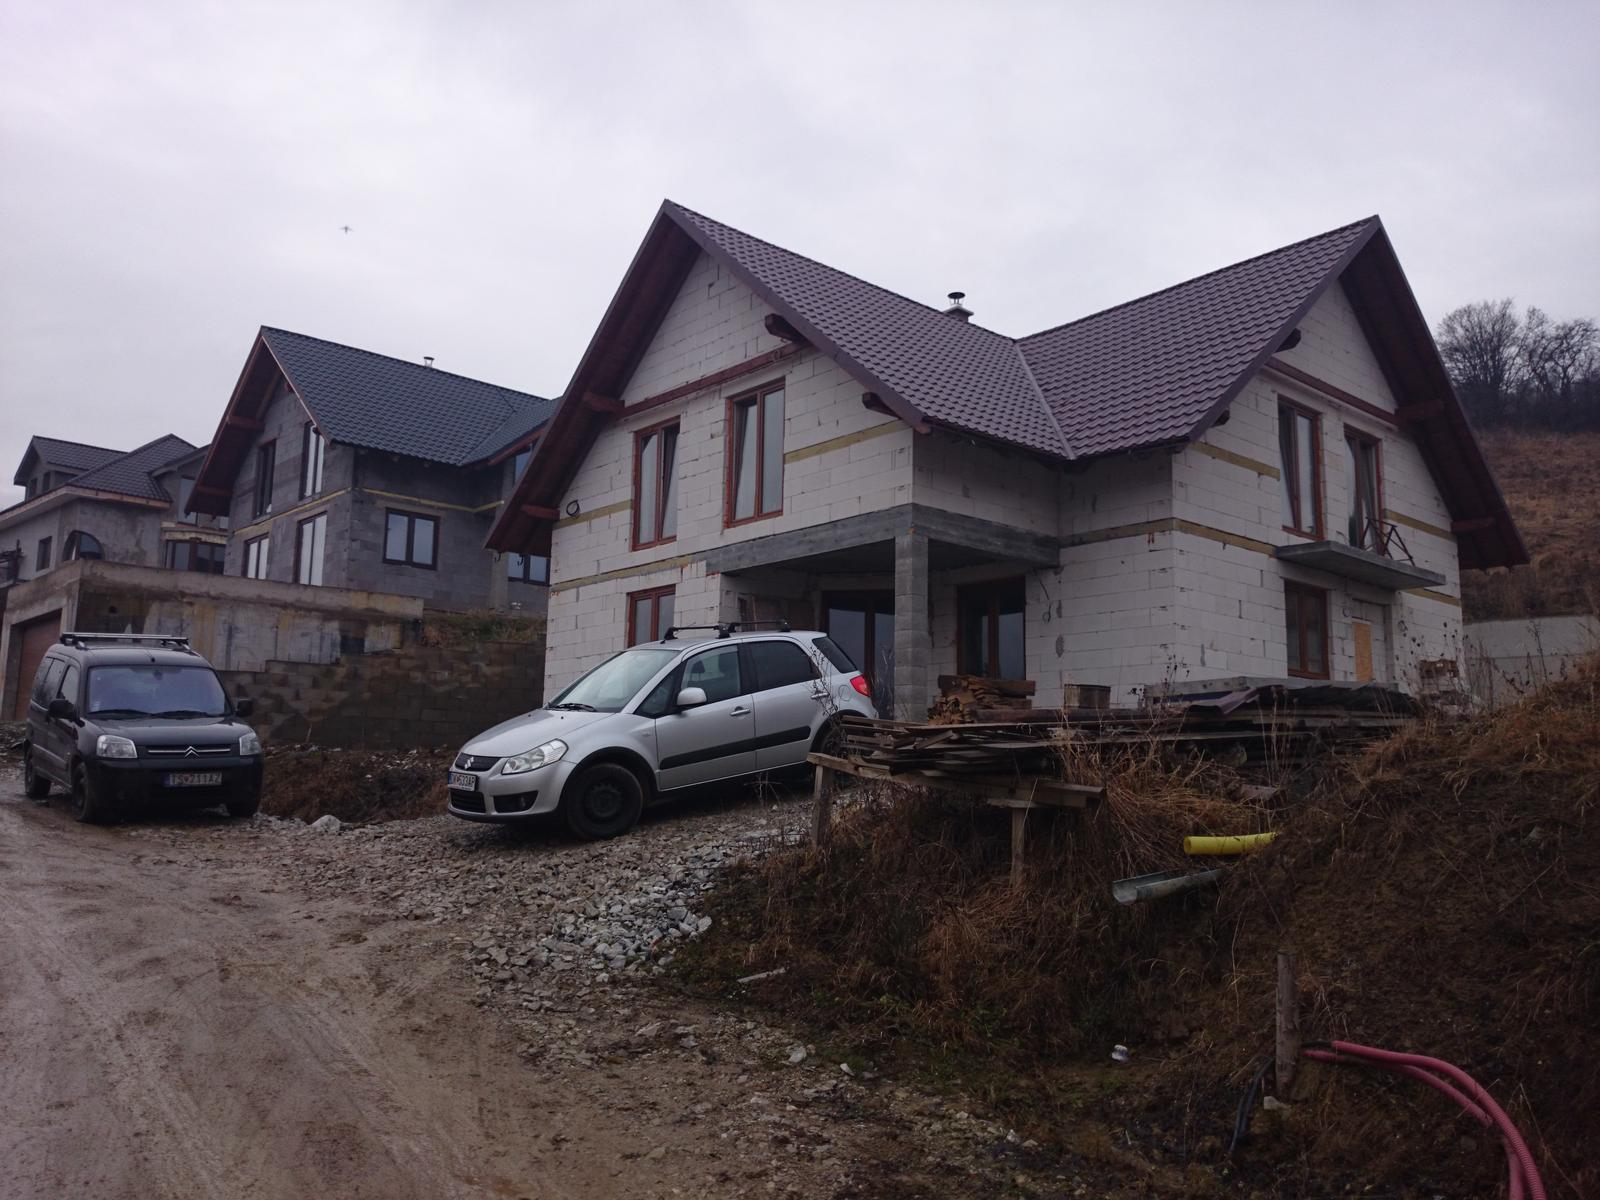 Prebiehajuce projekty - Niekedy je potrebne riesit okolie domu uz pri vytycovani stavby. Castokrat sa vyhnete problemom ktore neskor vyrazne ovplyvnia celkovy vzhlad. Prave prebieha navrh terennych uprav pre dom vo svahu.